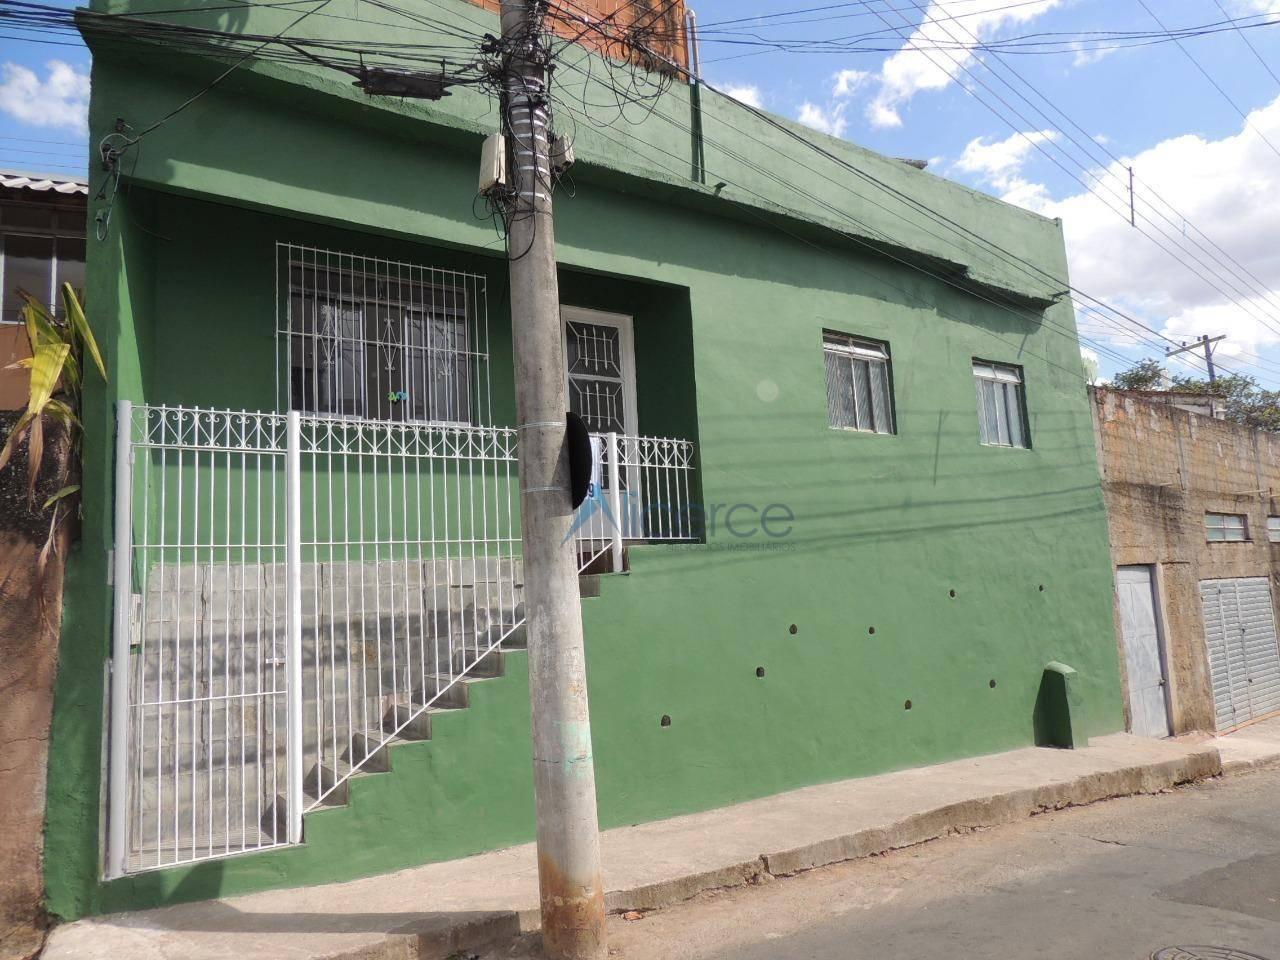 Casa com 2 quartos para alugar, 65 m² por R$ 600/mês - Nossa Senhora Aparecida - Juiz de Fora/MG